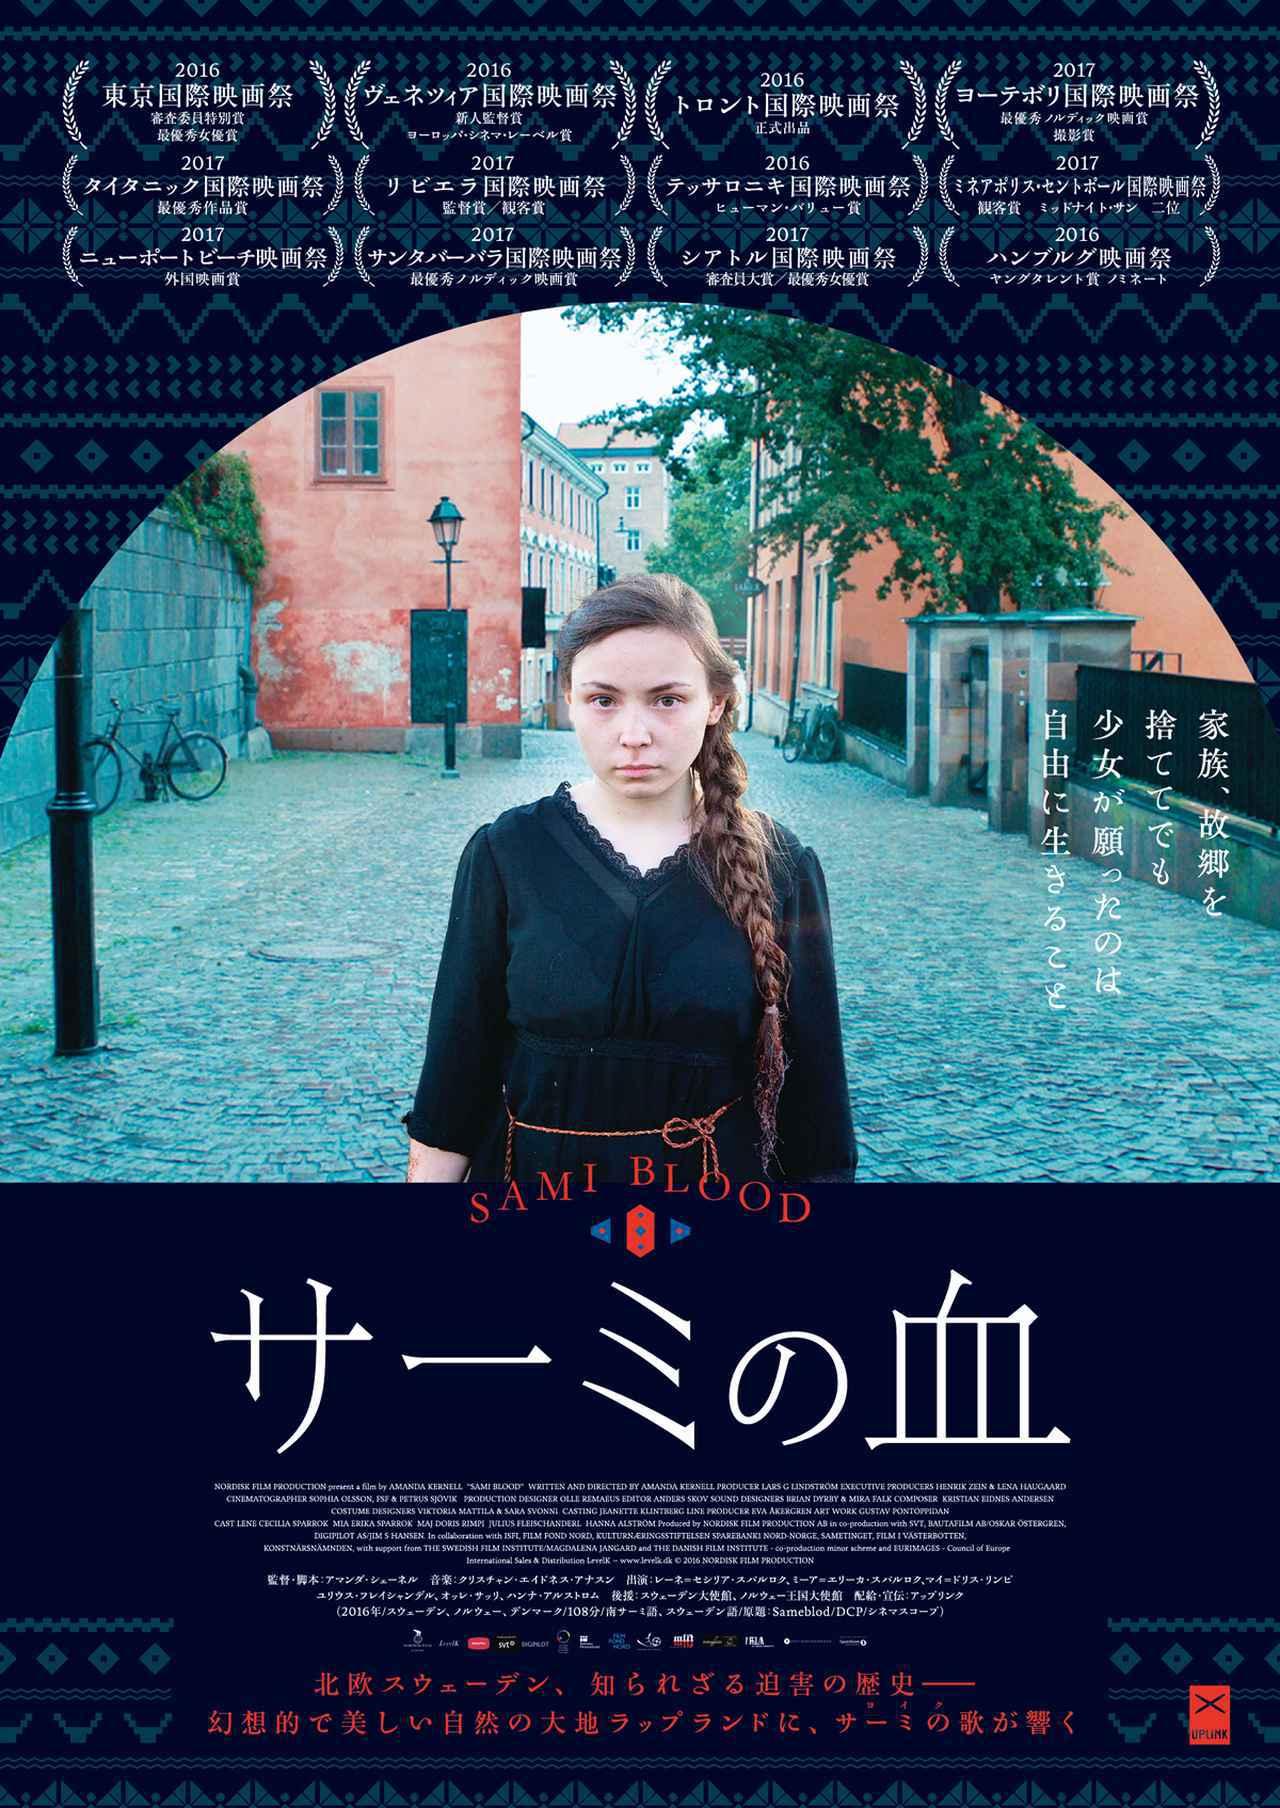 画像1: 『アナ雪2』のモデルとなった北欧の先住民「サーミ」を描き世界の映画祭で喝采を浴びた『サーミの血』 1 週間限定の再公開が決定!